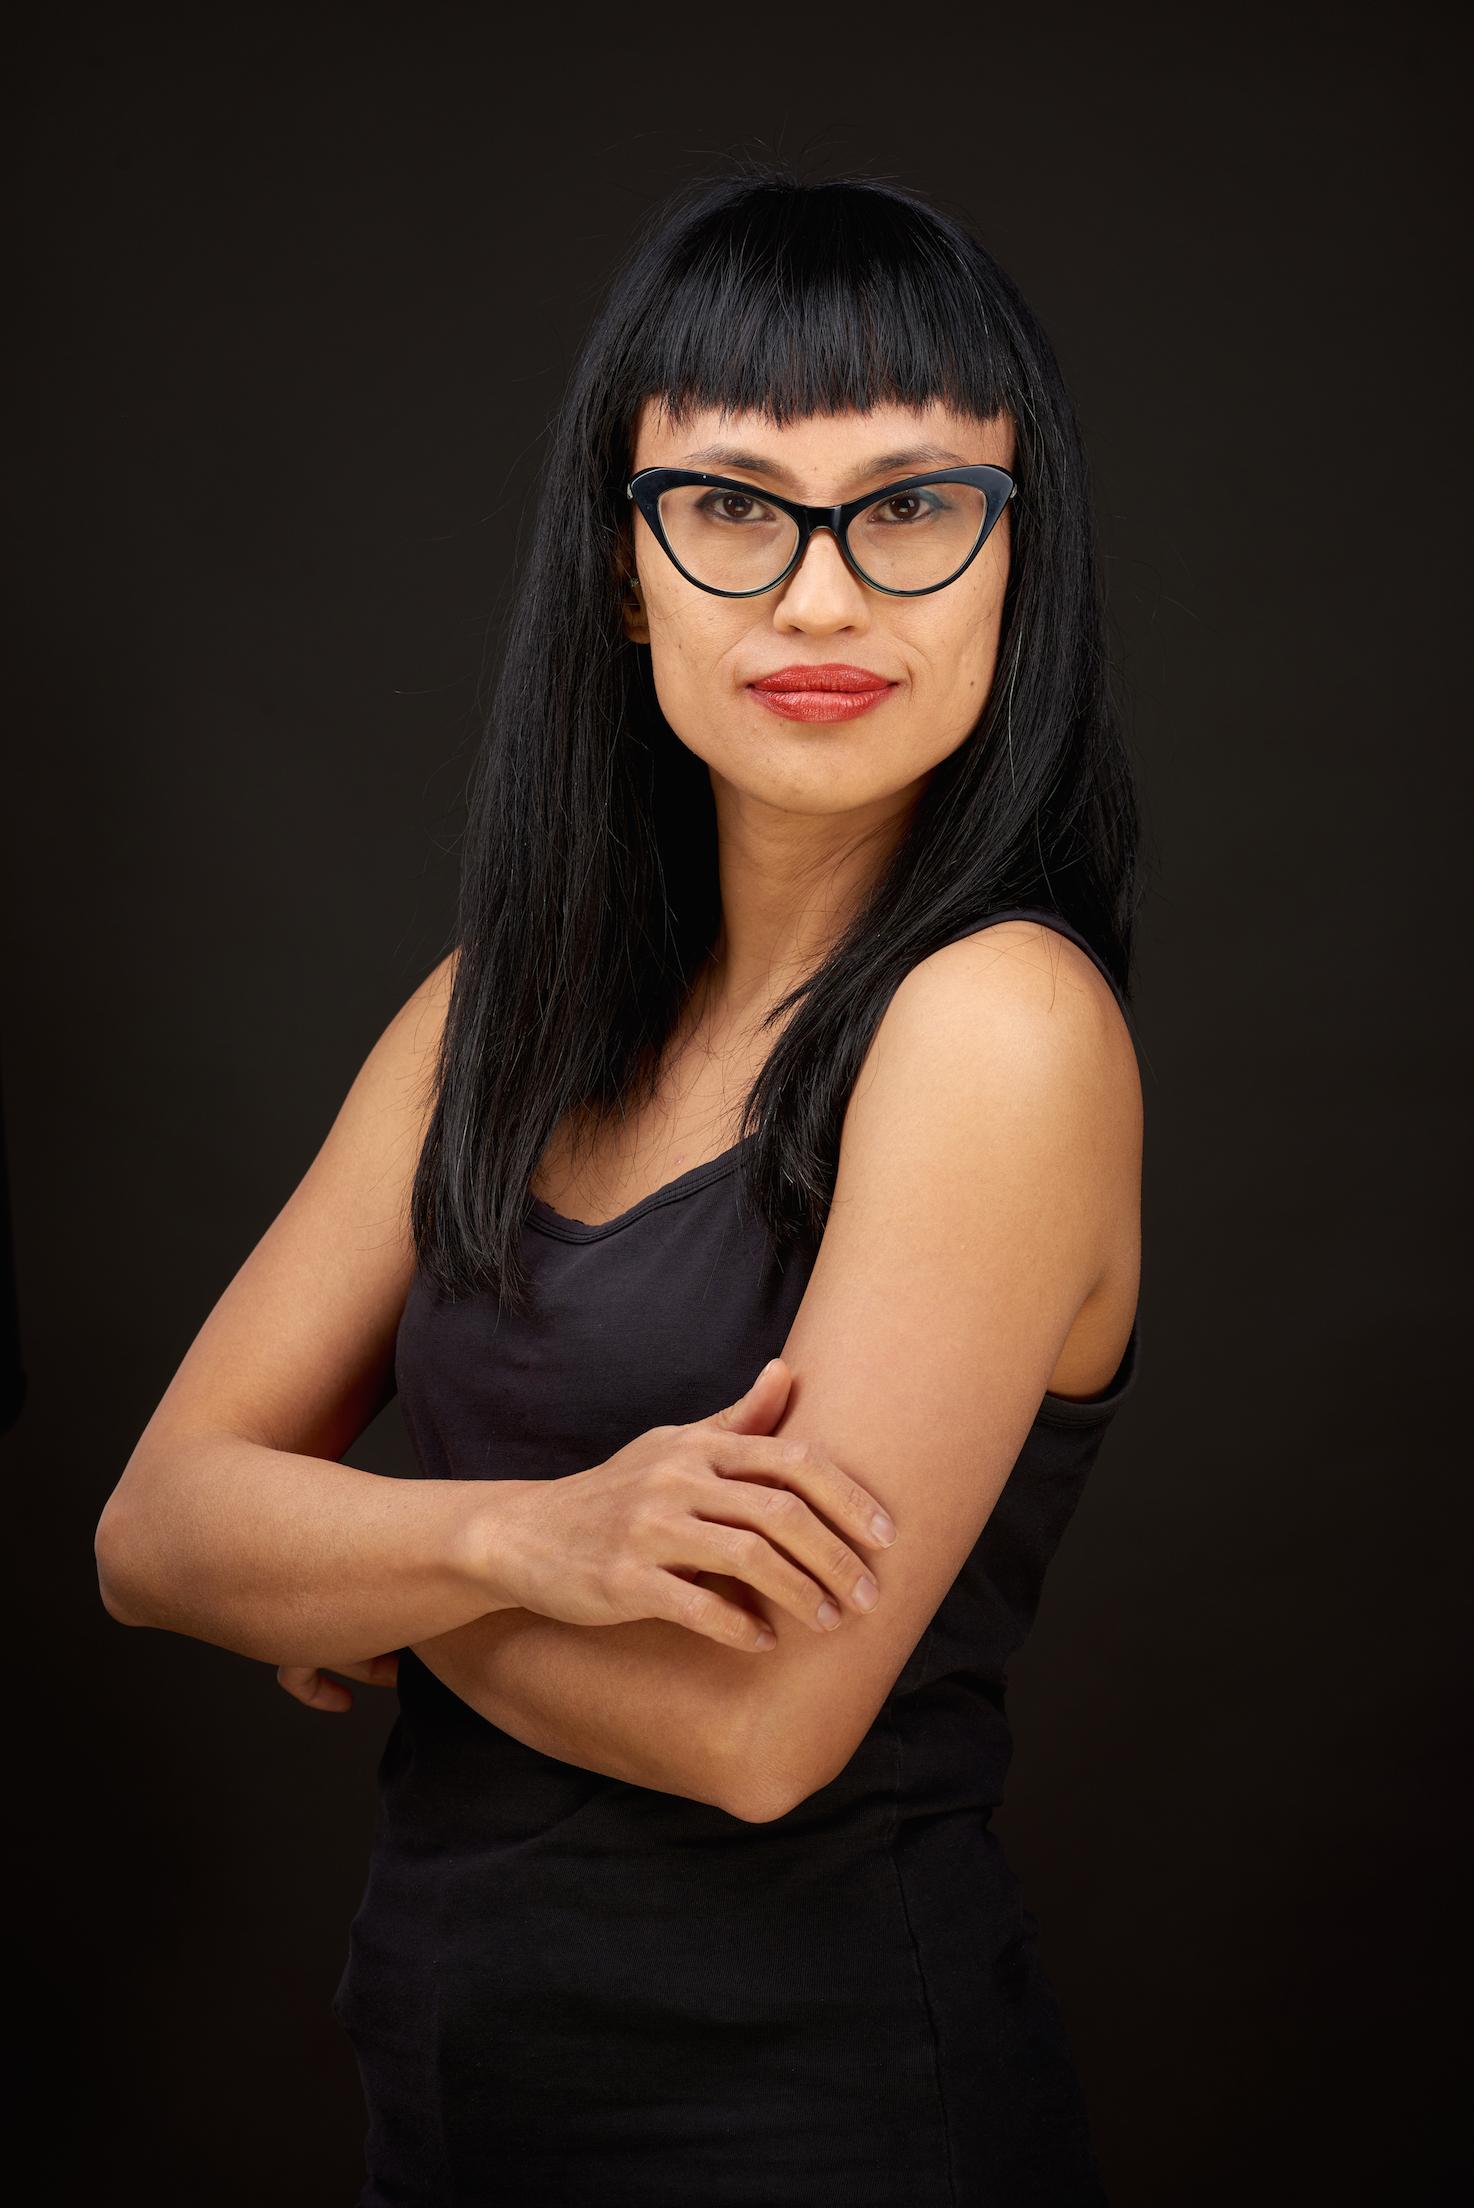 Sheila Tan